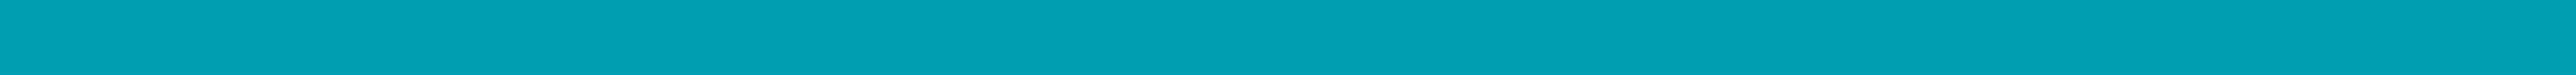 m2i-bg-2800×81